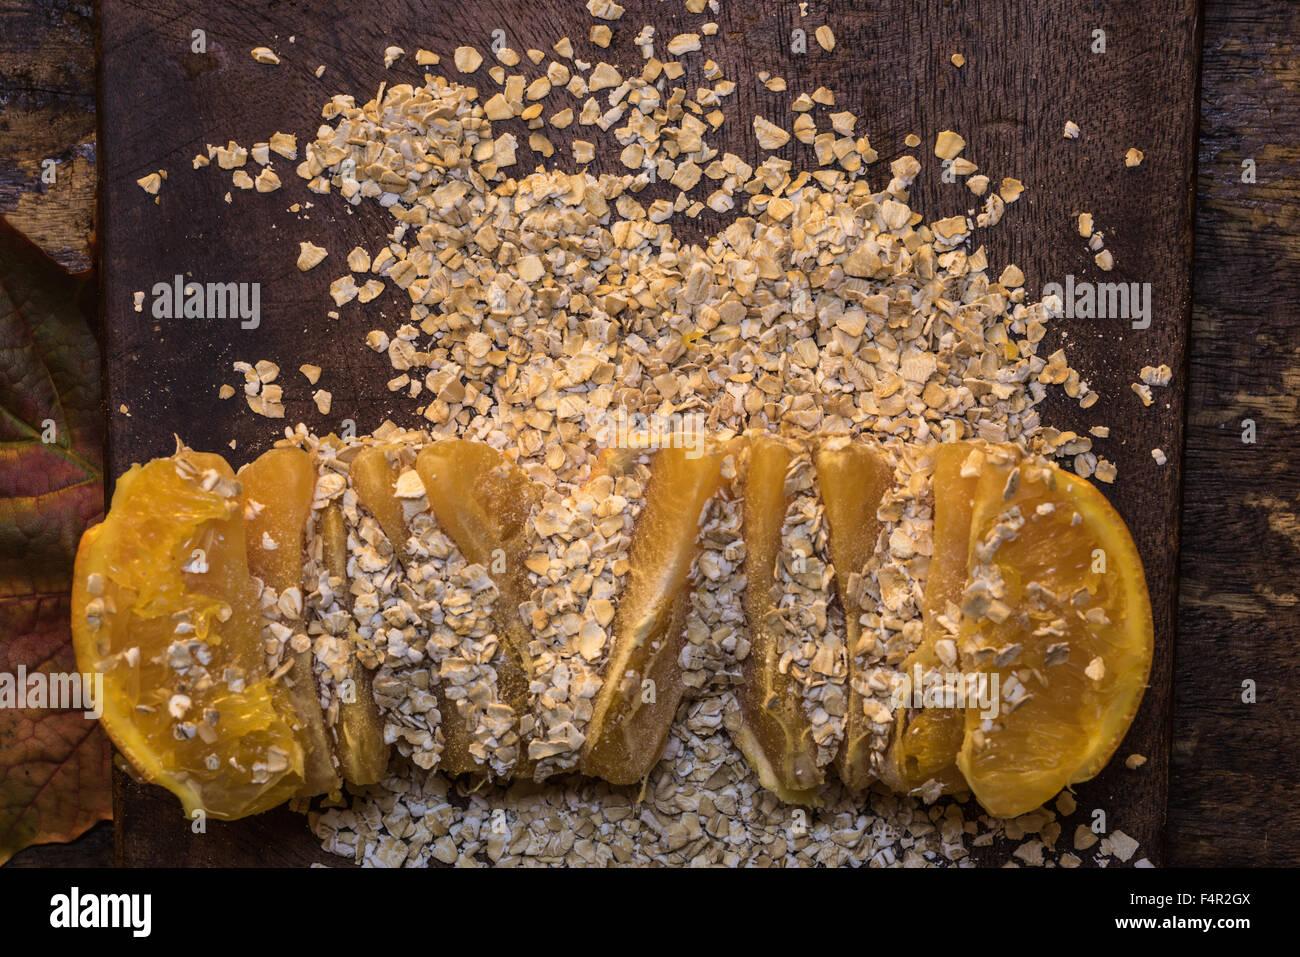 Gruau et Orange sur une planche à découper en bois - Synergie alimentaire, l'alimentation saine combinaison Photo Stock